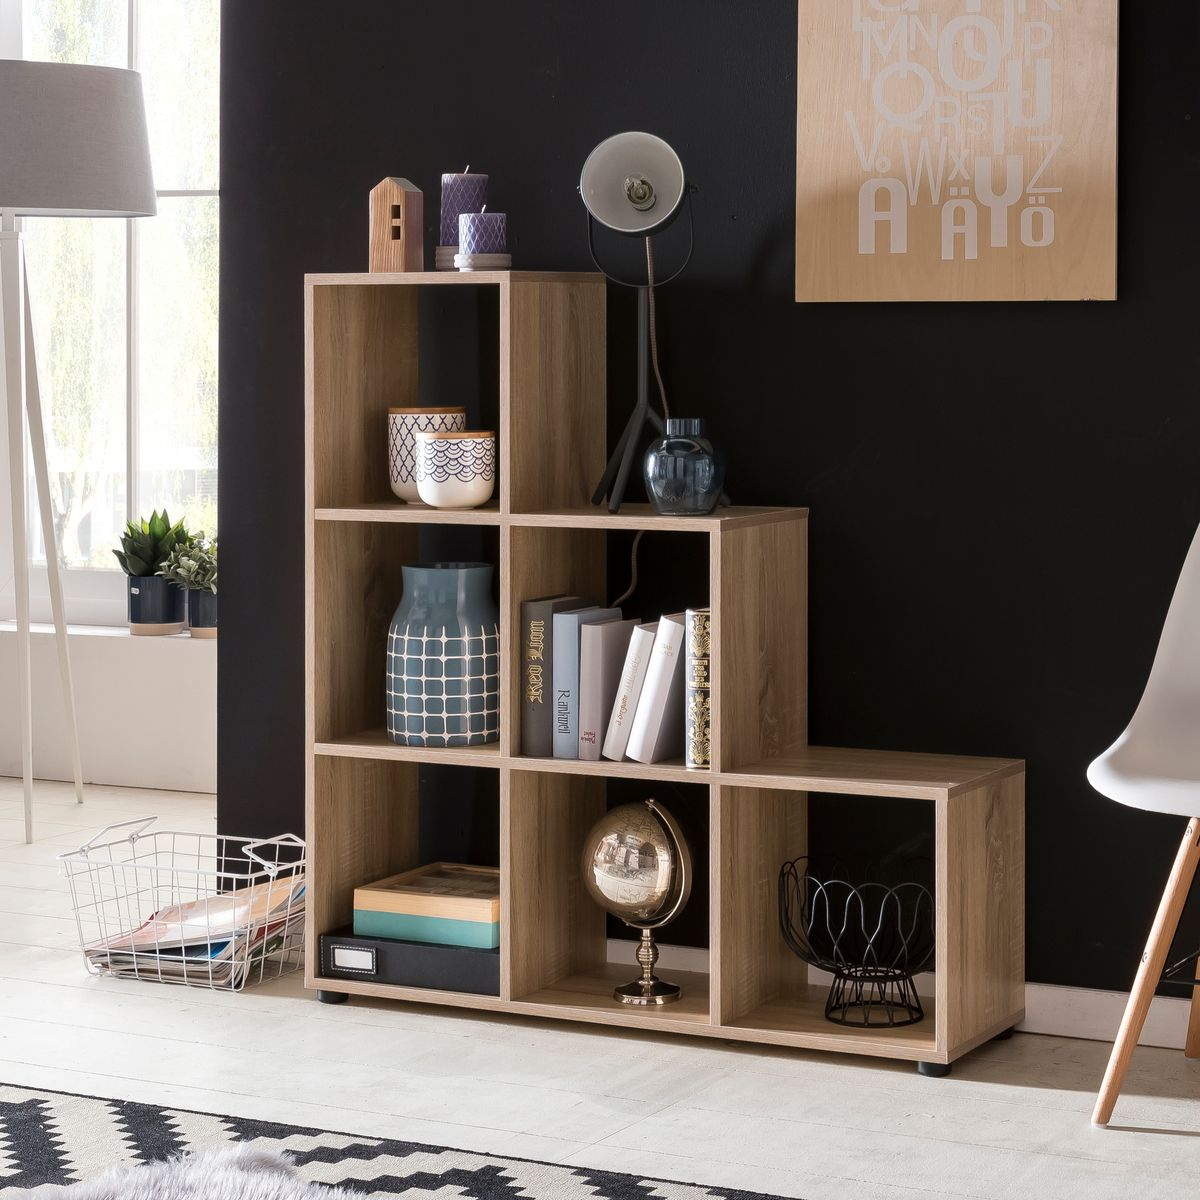 wohnling stufenregal luna holz 6 f cher sonoma standregal 104 5 x 111 x 29 cm design. Black Bedroom Furniture Sets. Home Design Ideas